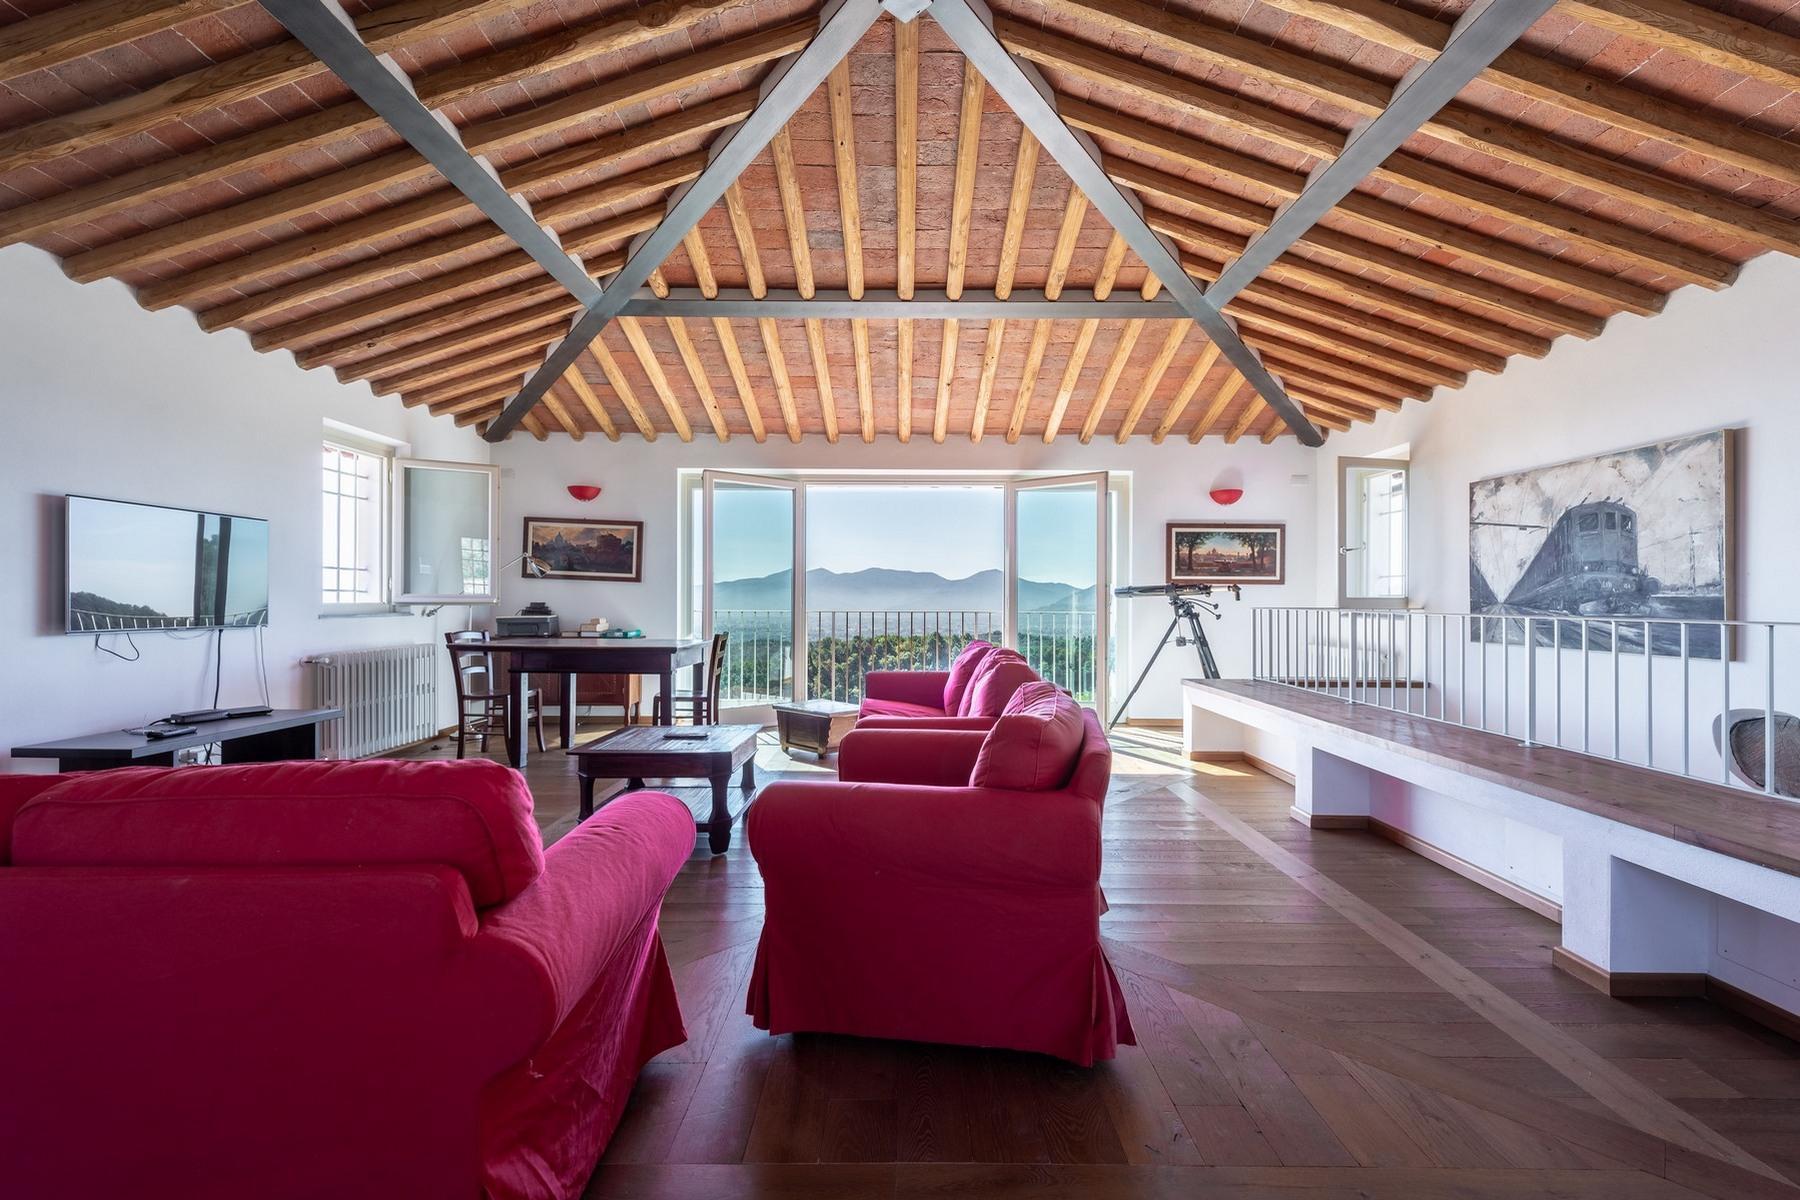 Meravigliosa villa con piscina sulle colline di Pieve Santo Stefano - 6